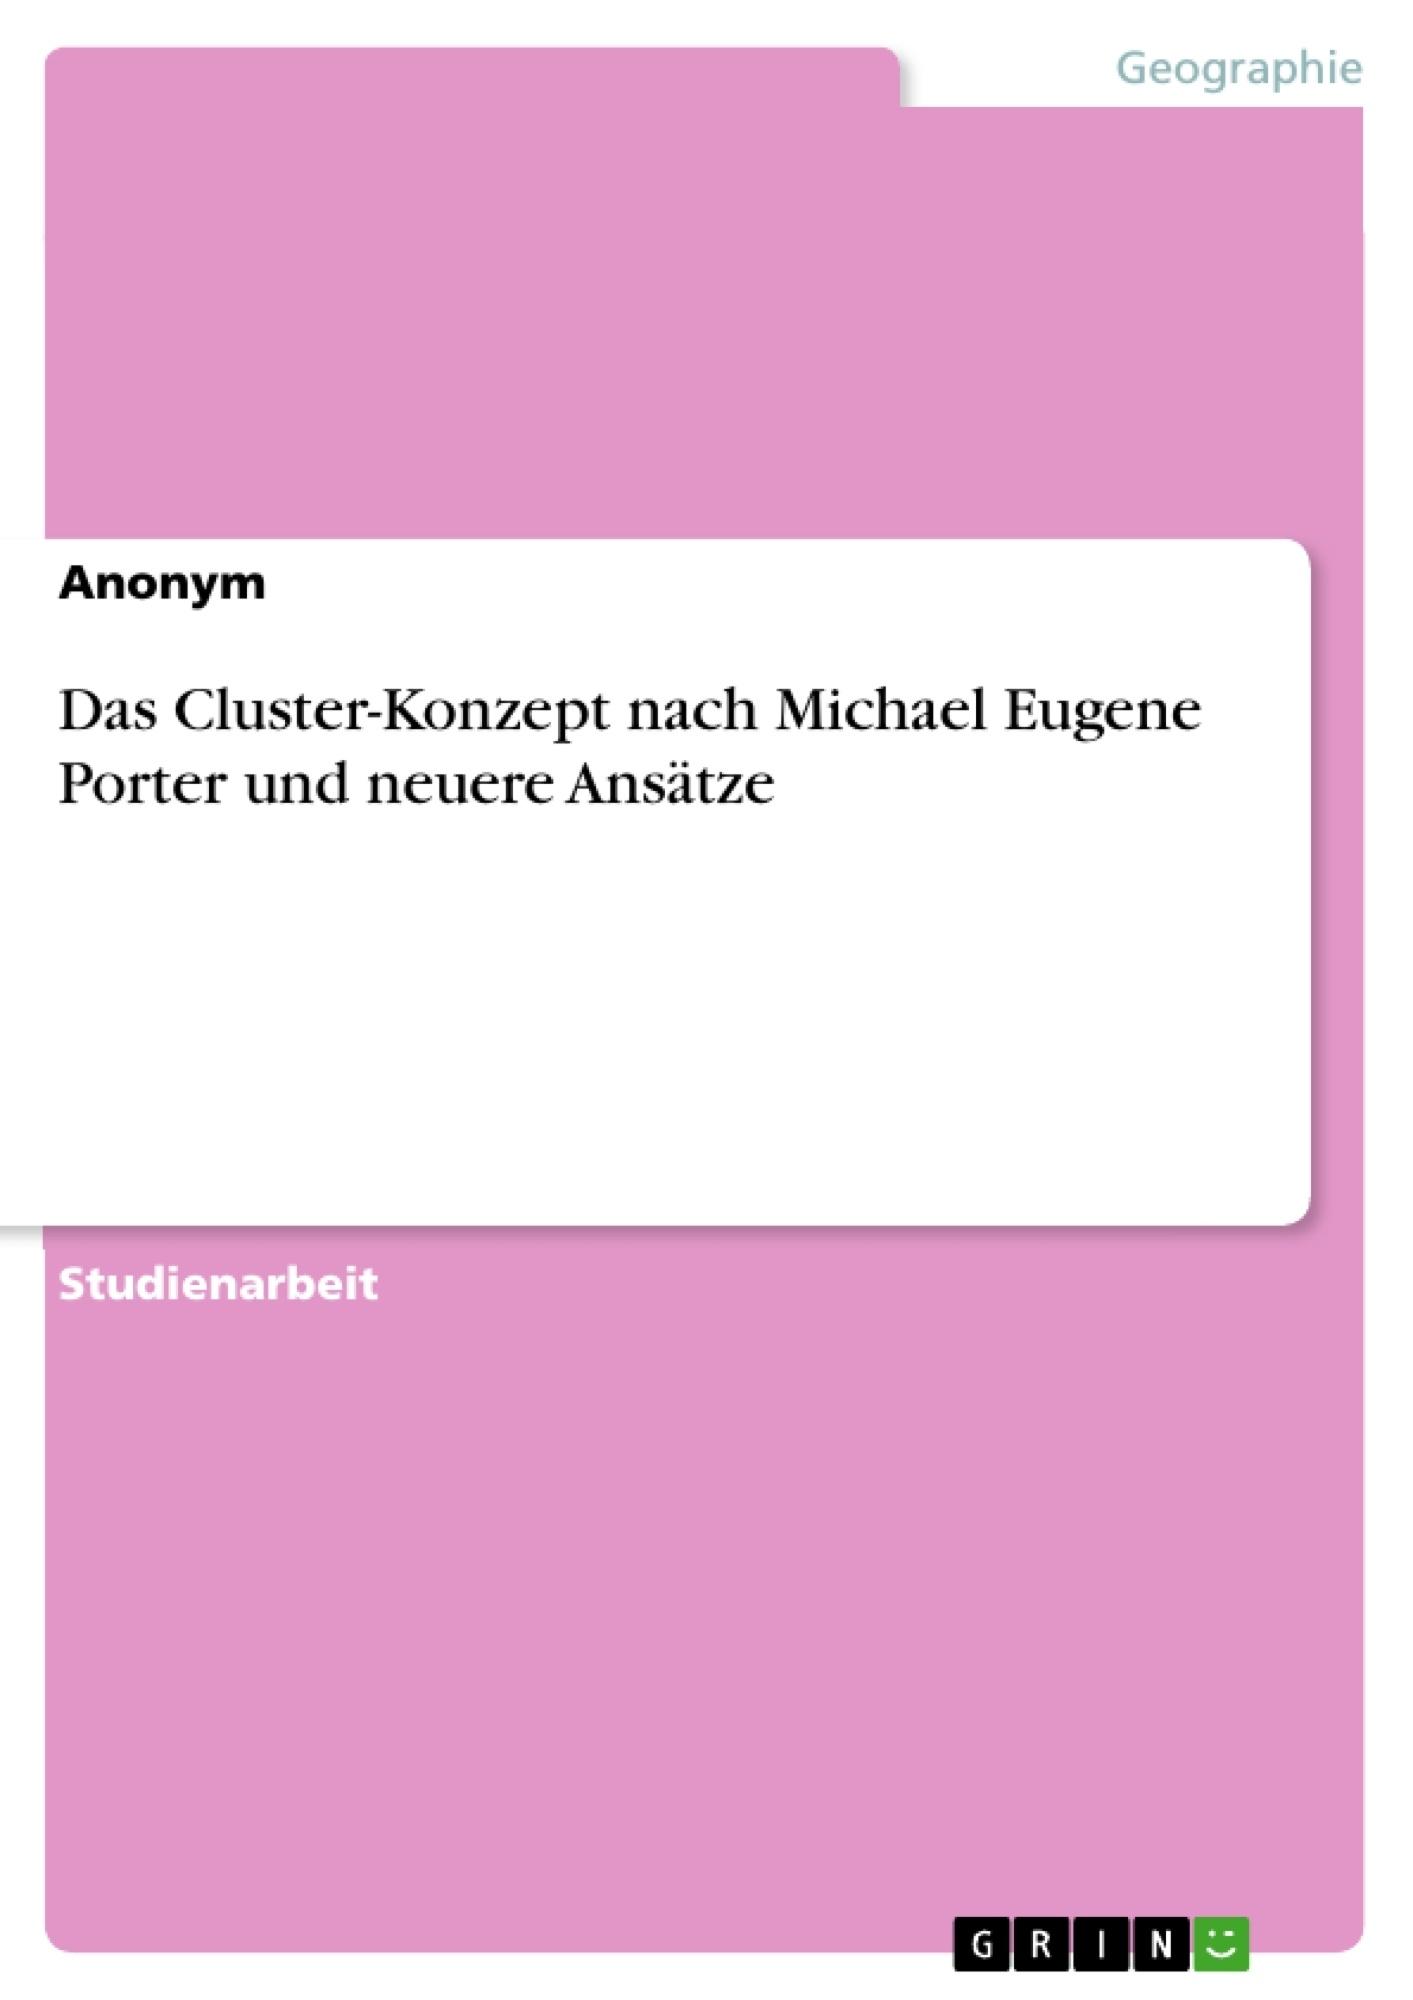 Titel: Das Cluster-Konzept nach Michael Eugene Porter und neuere Ansätze